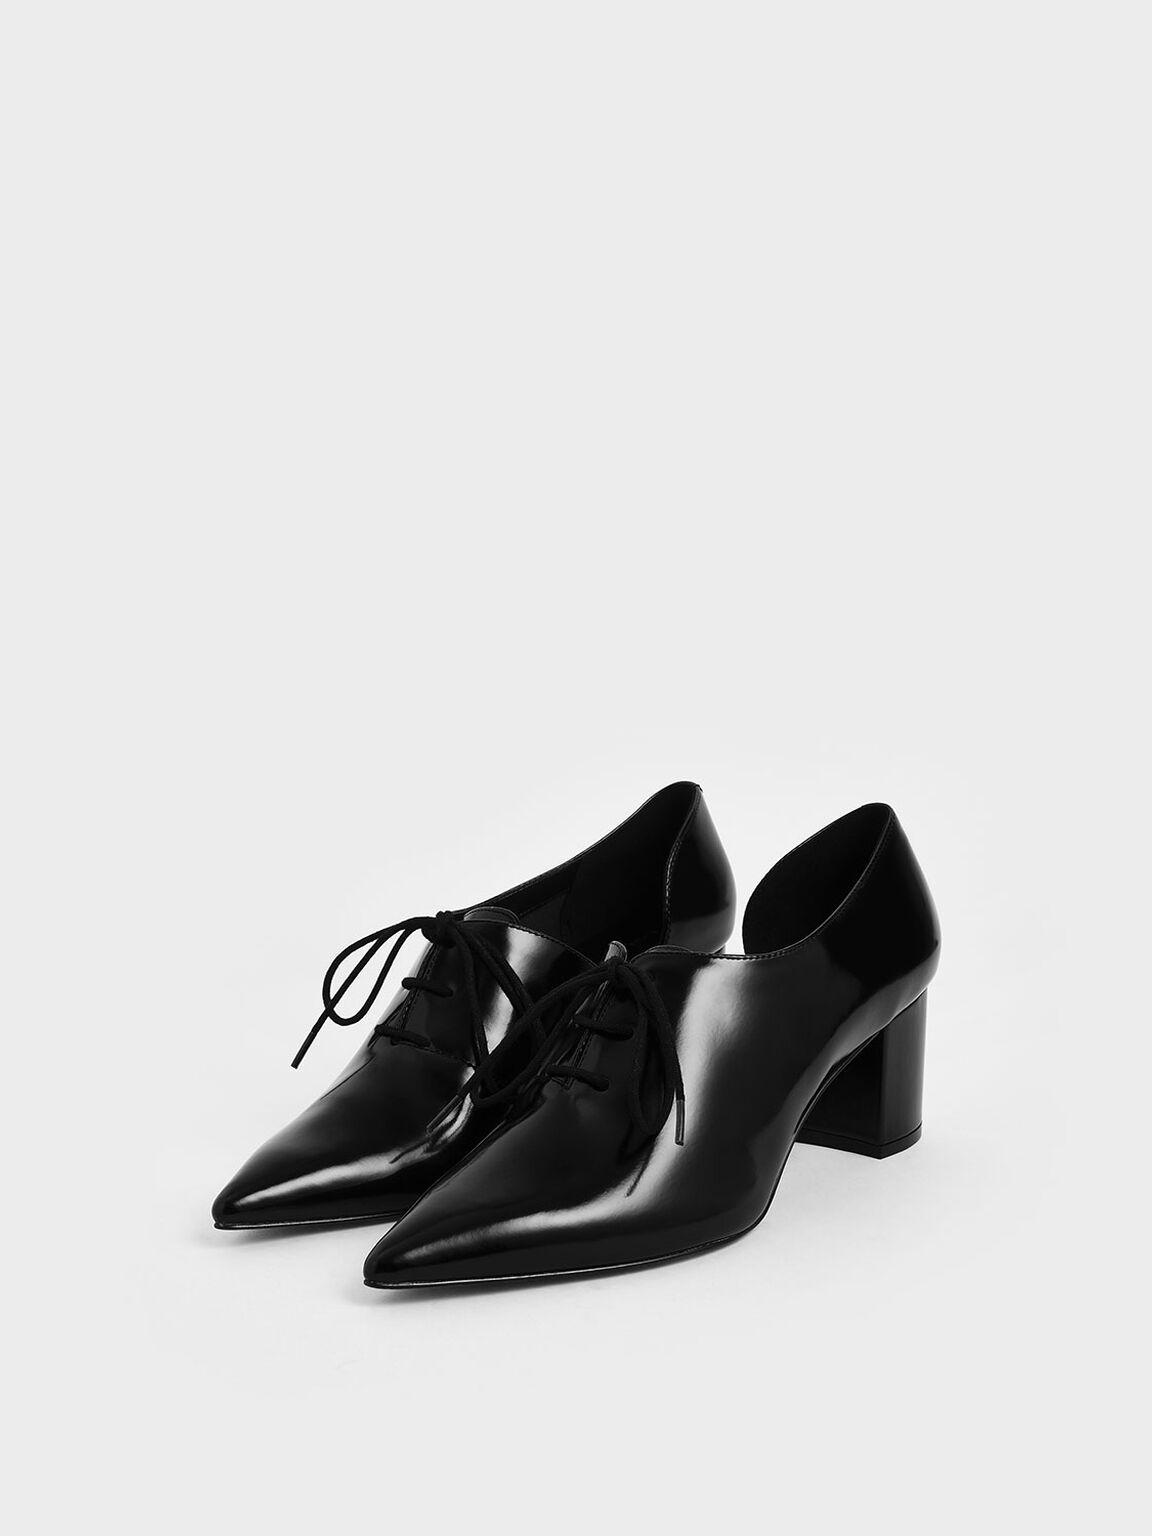 D'Orsay Oxford Block Heels, Black, hi-res